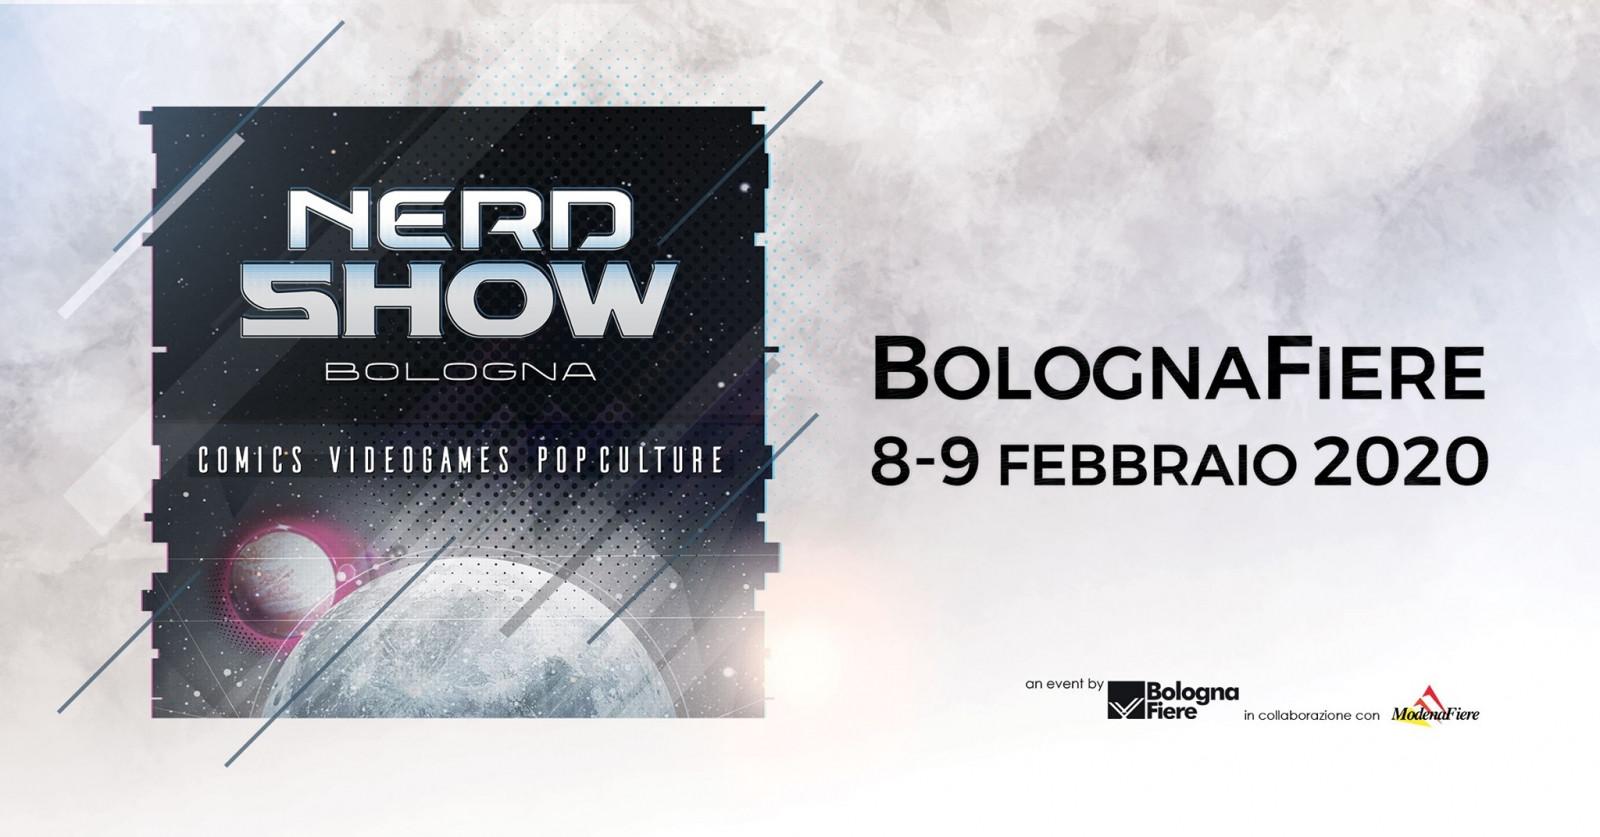 Nerd Show Bologna 2020